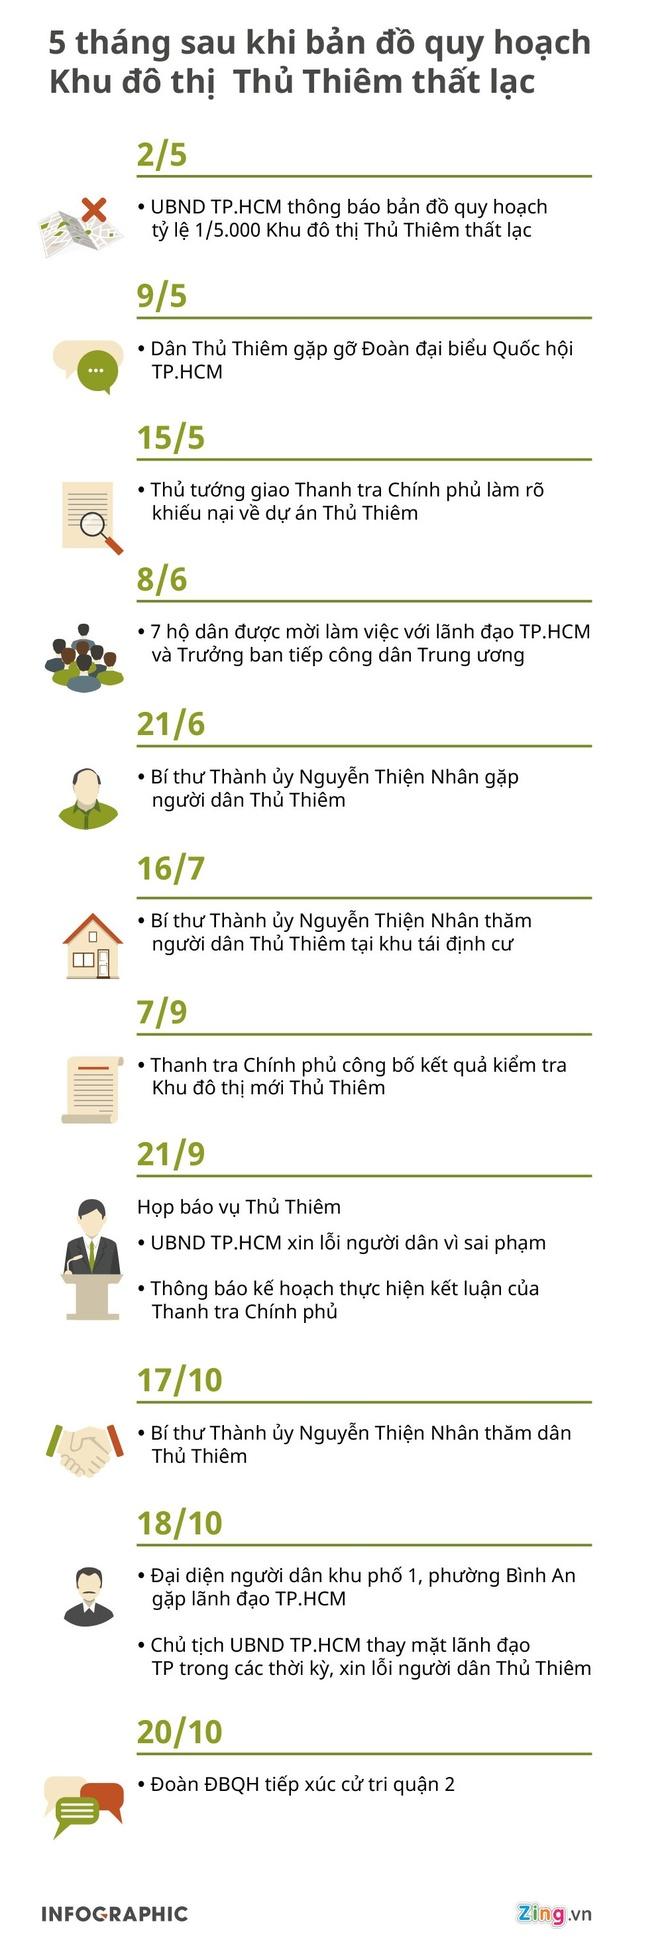 TP.HCM chuan bi 3 chinh sach den bu cho nguoi dan Thu Thiem hinh anh 3